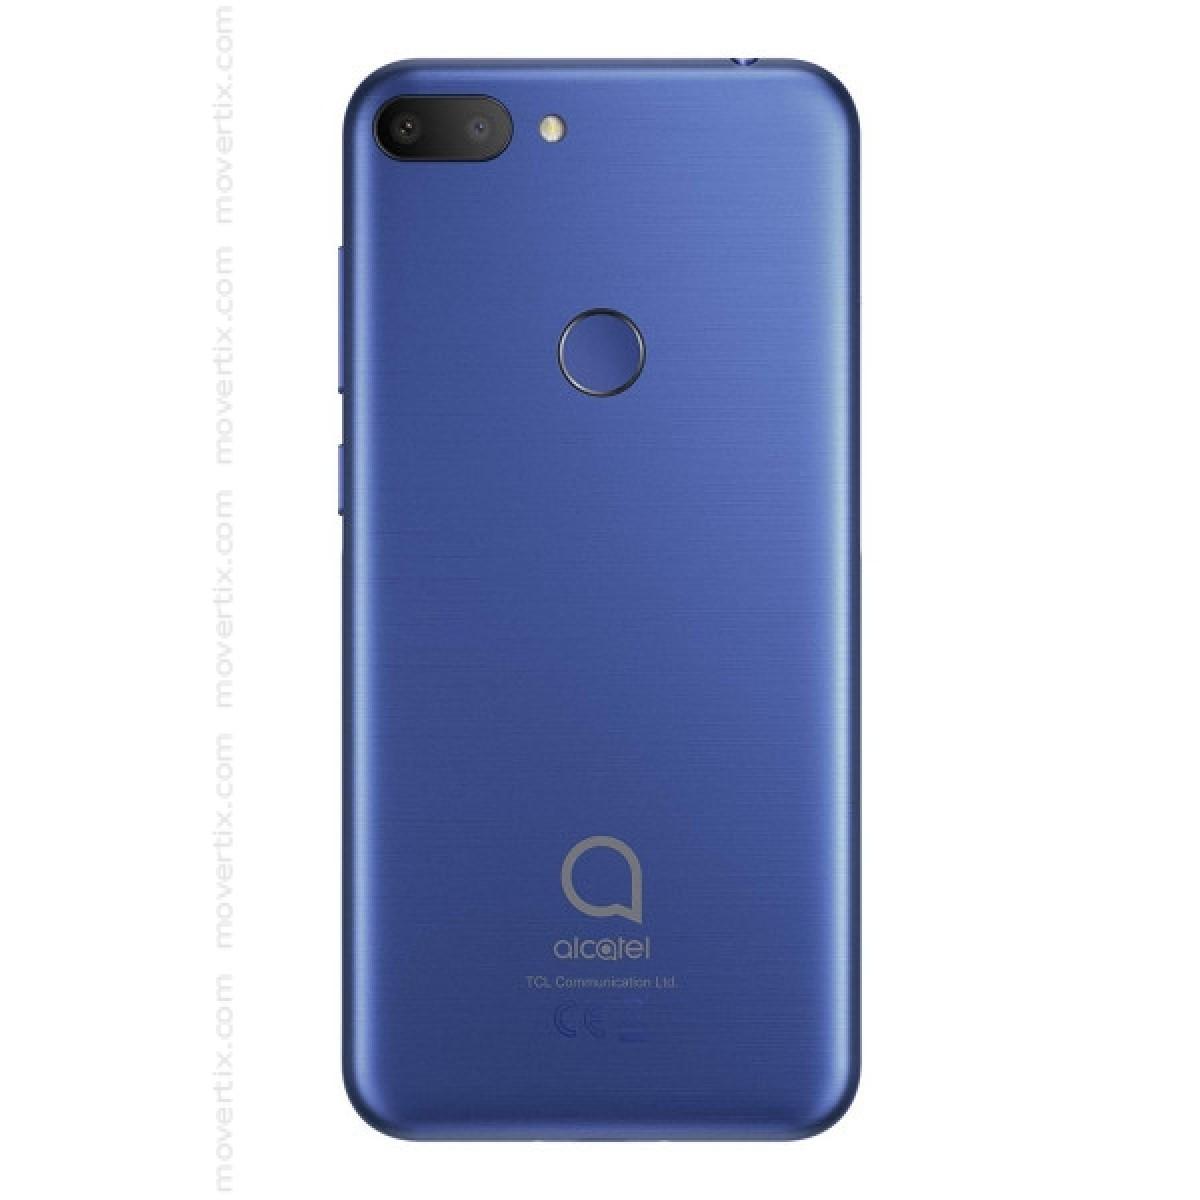 Alcatel 1S (2019) Dual SIM Blue 32GB and 3GB RAM (5024D)